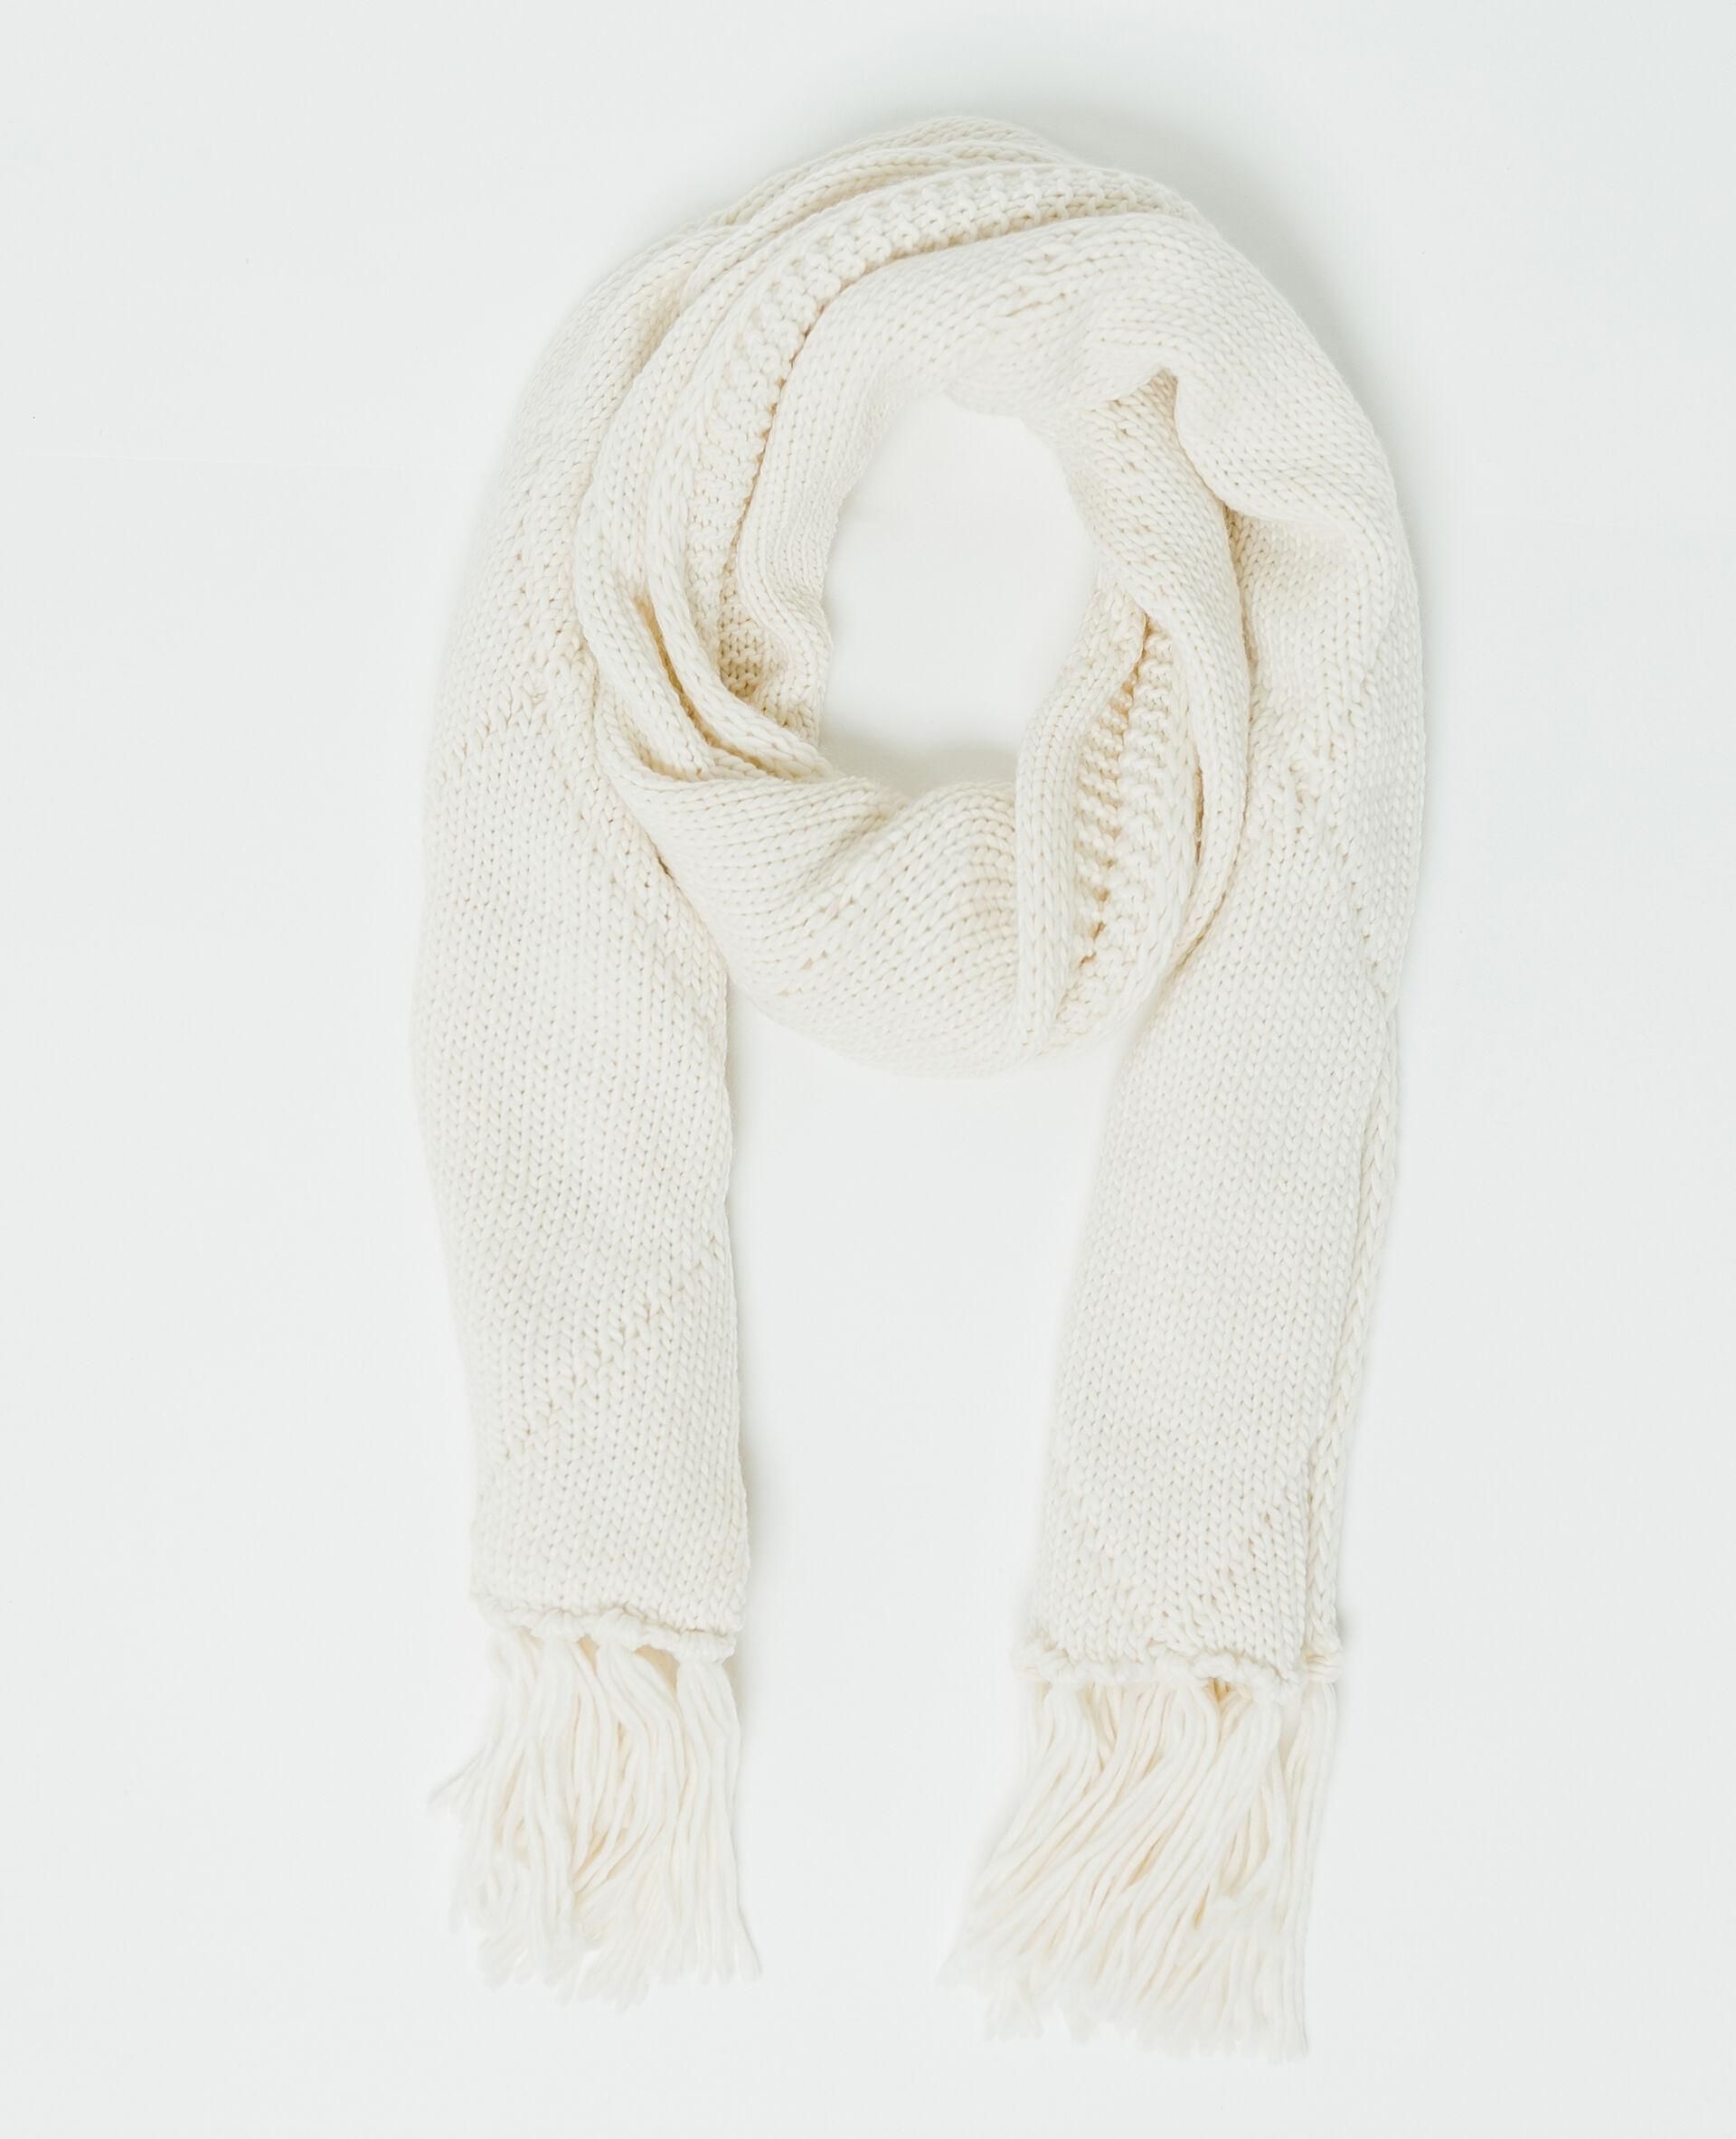 f4ab83594d74 ✅Echarpe à torsades Femme - Couleur blanc cassé - PIMKIE - MODE FEMME